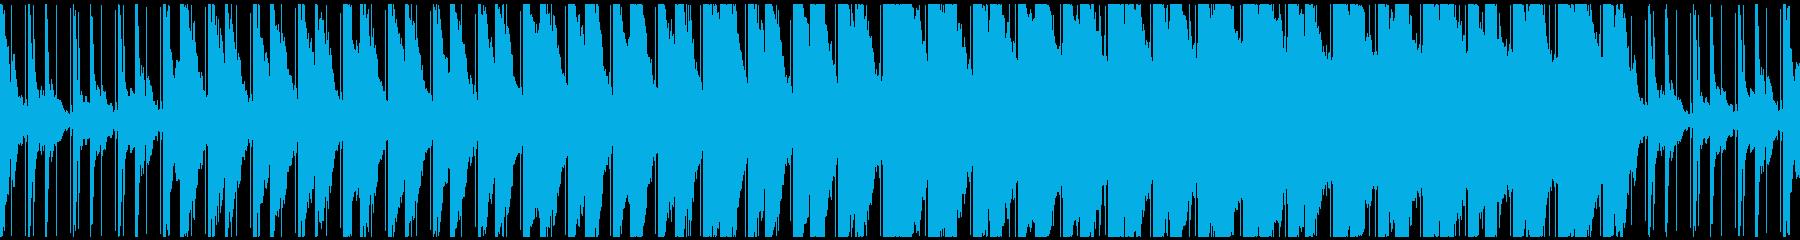 【ループ対応】幻想的・神秘的なEDMの再生済みの波形